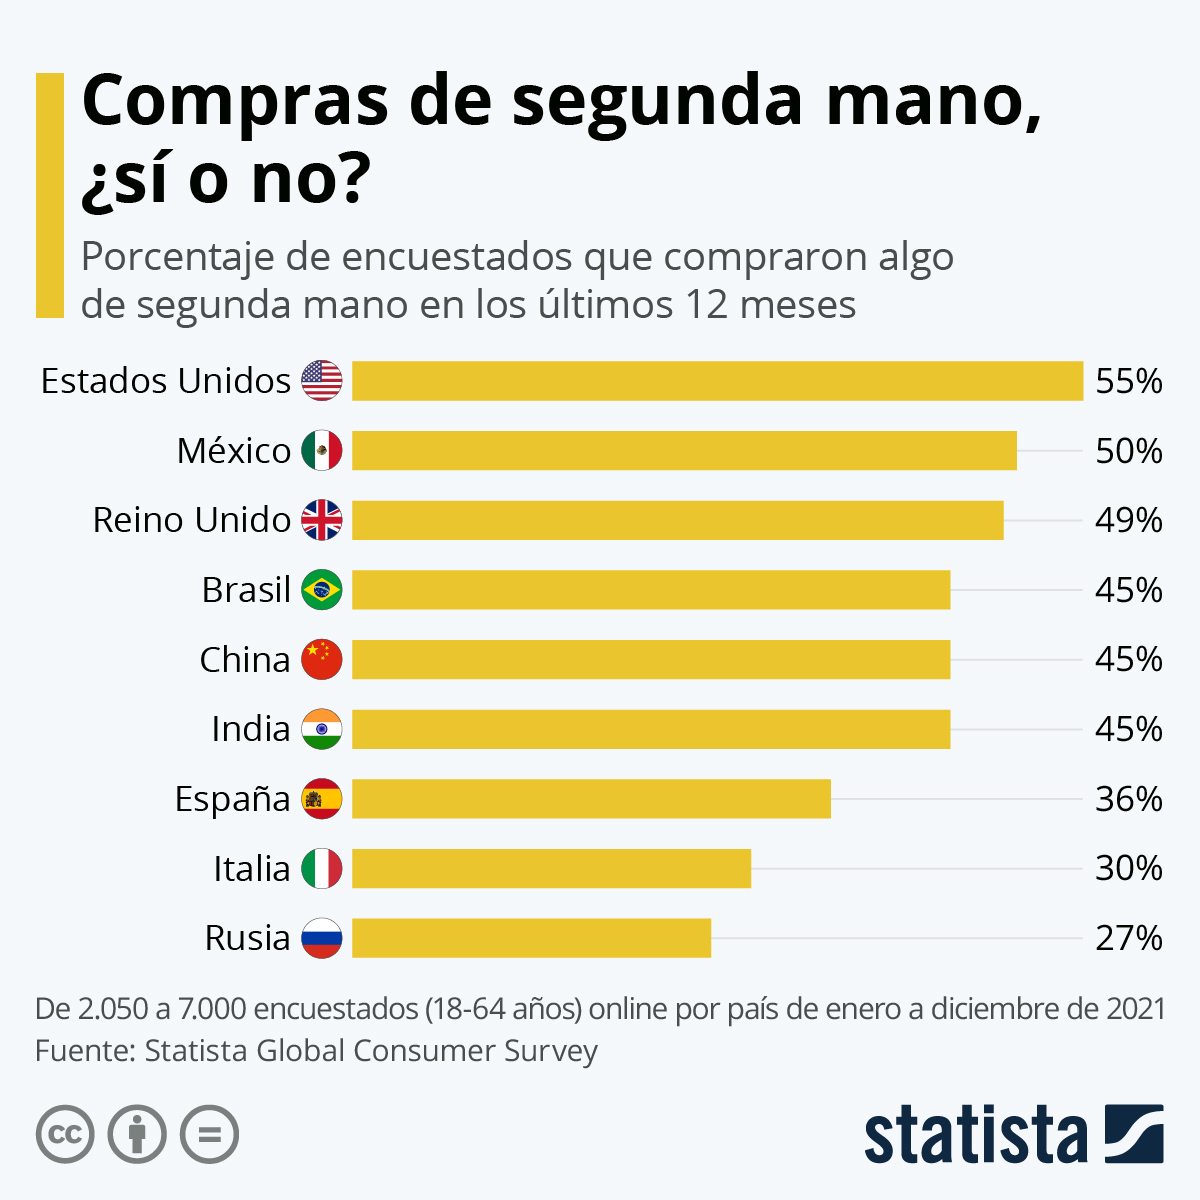 Infografía: ¿Dónde es más común comprar de segunda mano? | Statista